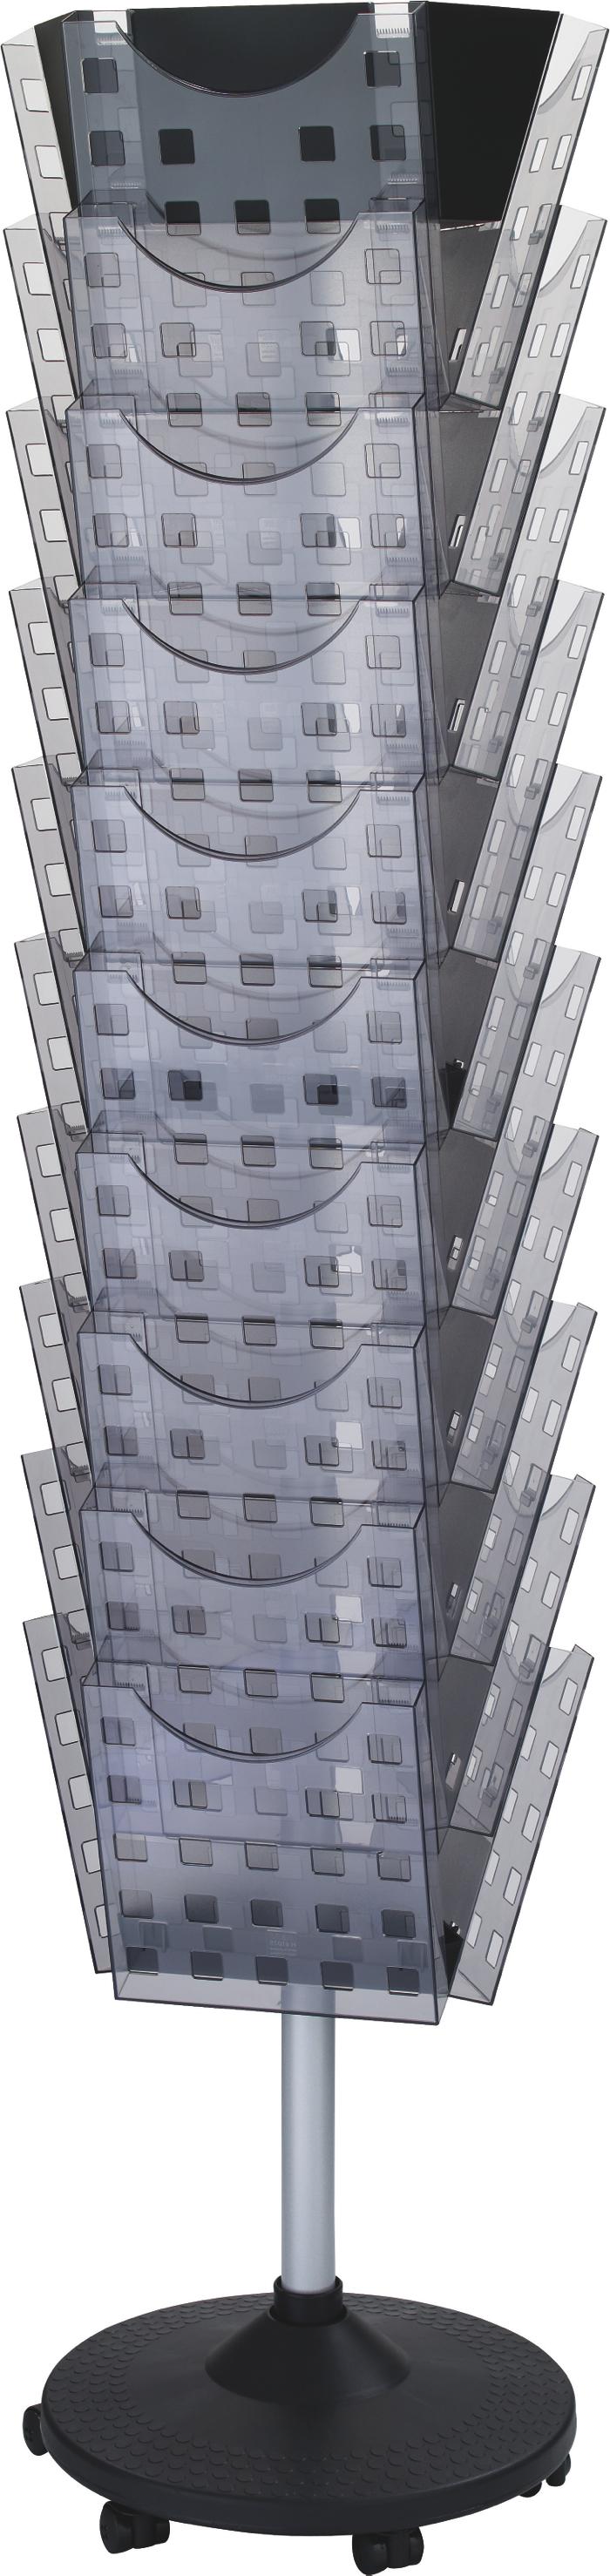 helit © Prospektbodenständer 30 Taschen drehbar 02